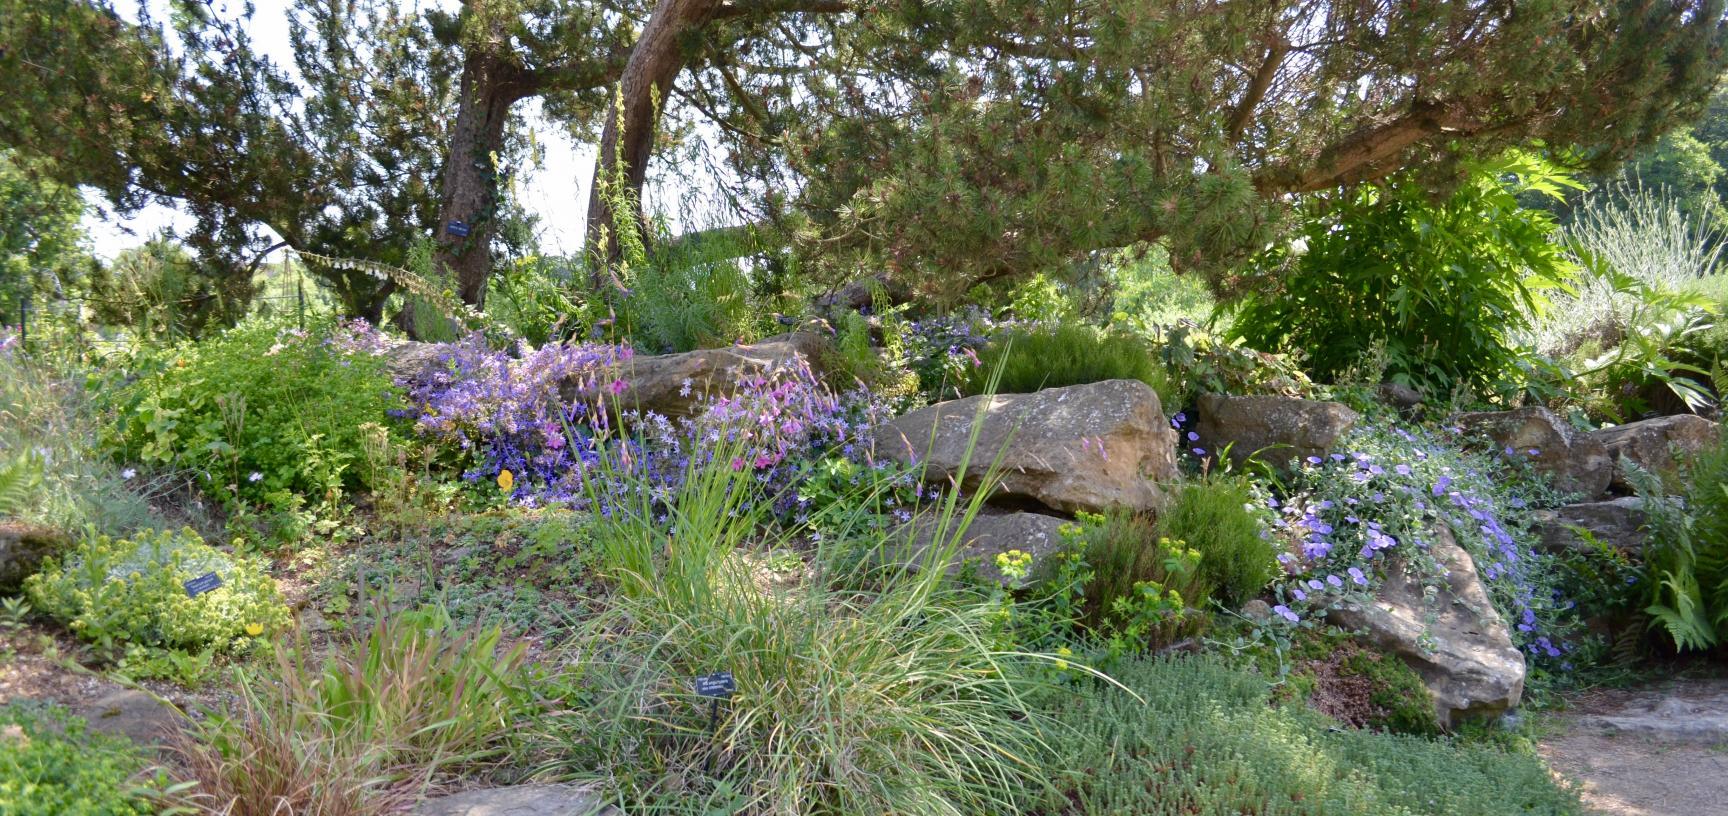 The Rock Garden in Summer